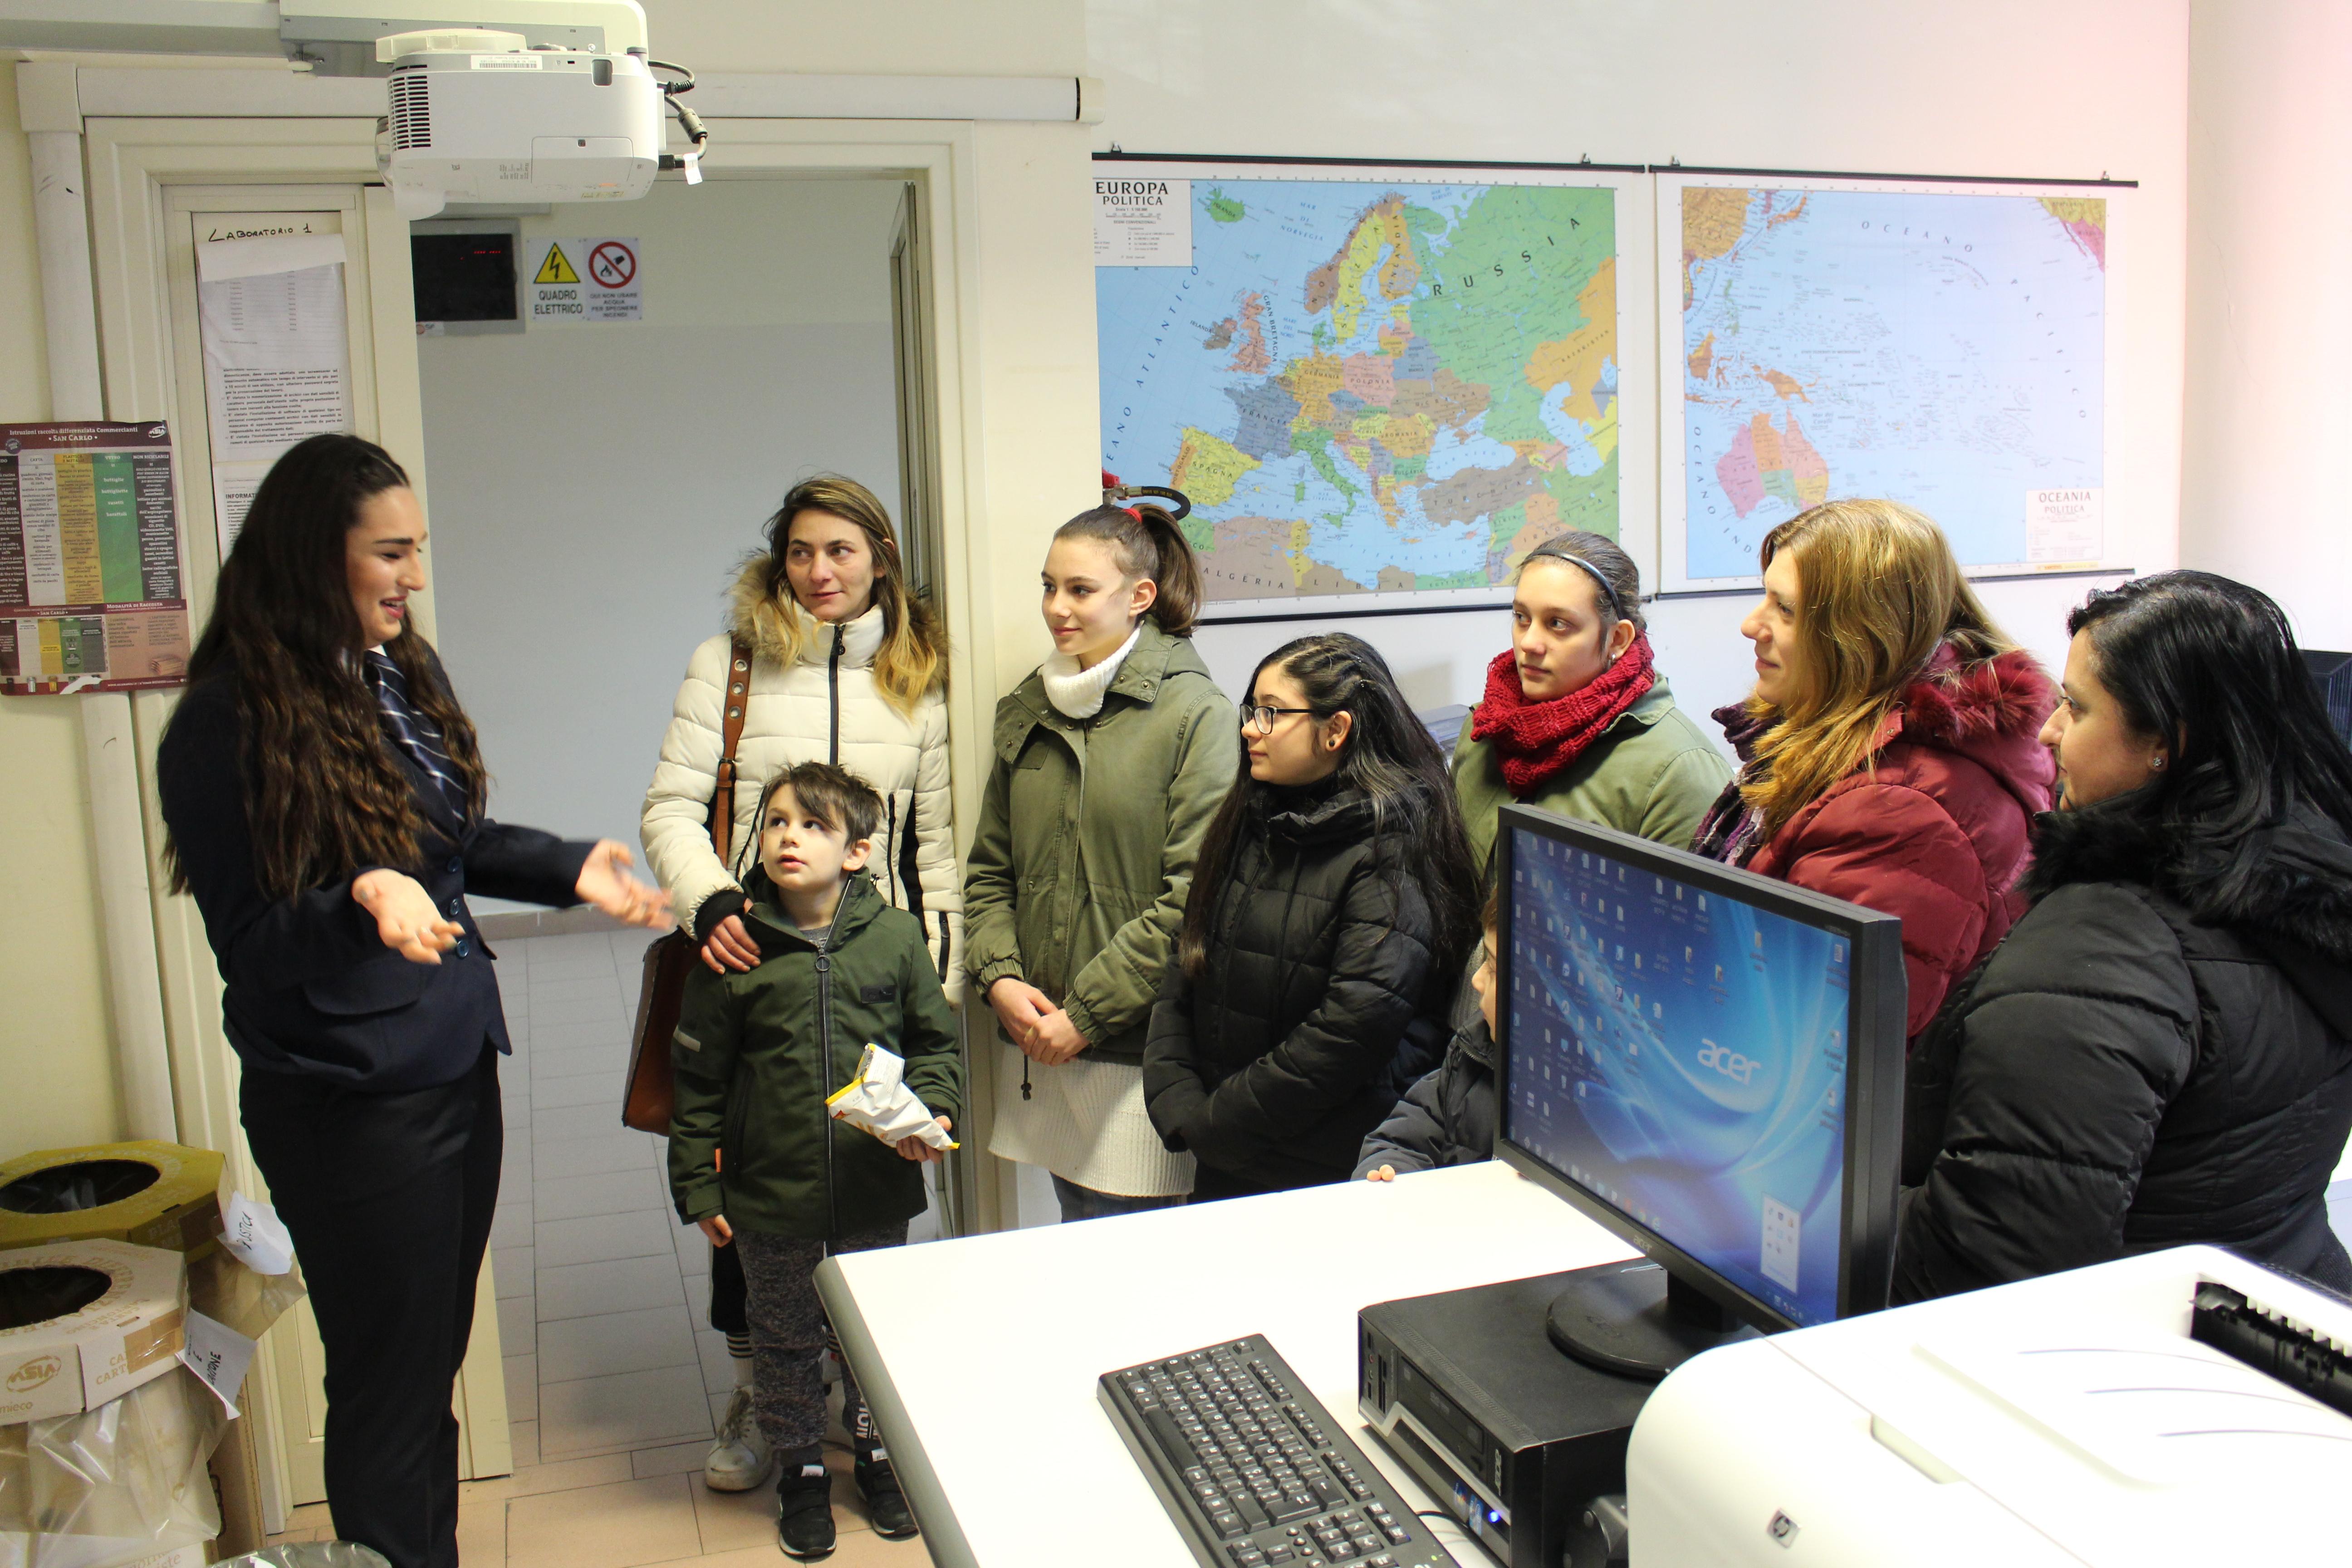 Una studentessa mostra uno dei laboratori alle famiglie in visita